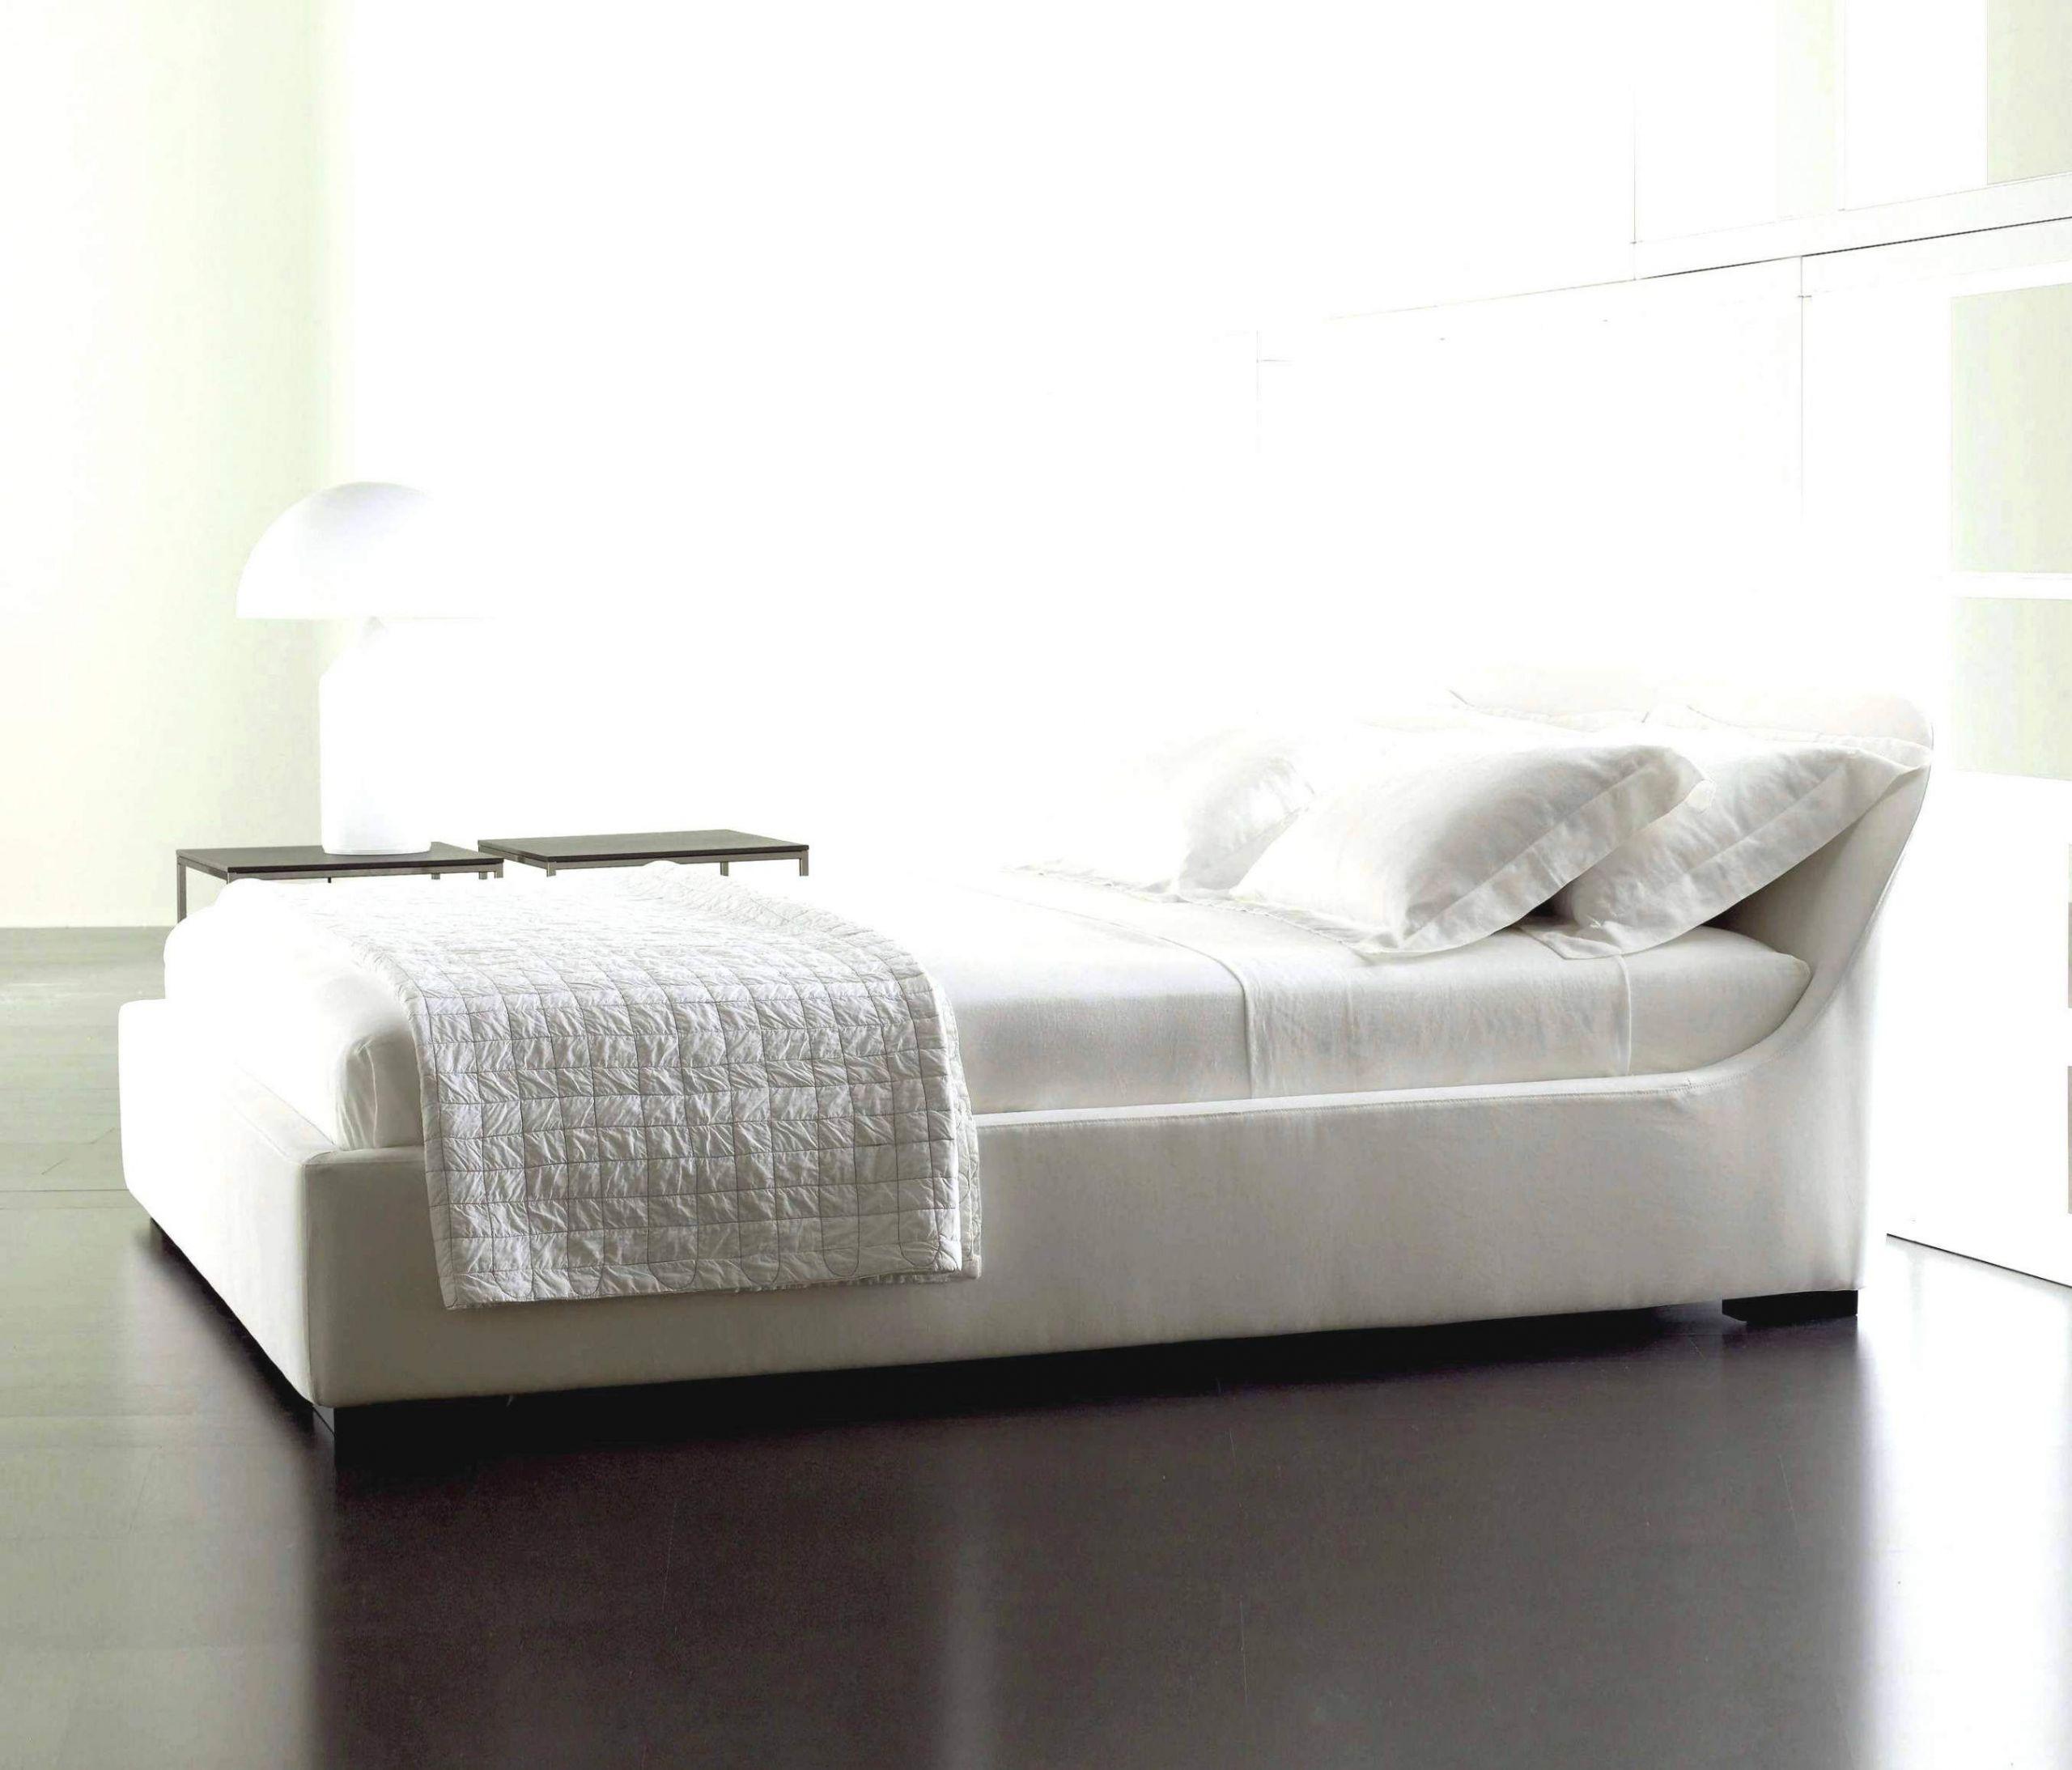 Full Size of Podest Bett Podestbett Bauen Kosten Selbst Betten Darunter Diy Lassen 32 Inspirierend Wohnzimmer Elegant Frisch Kiefer 90x200 Coole Modernes De Rustikales Bett Podest Bett